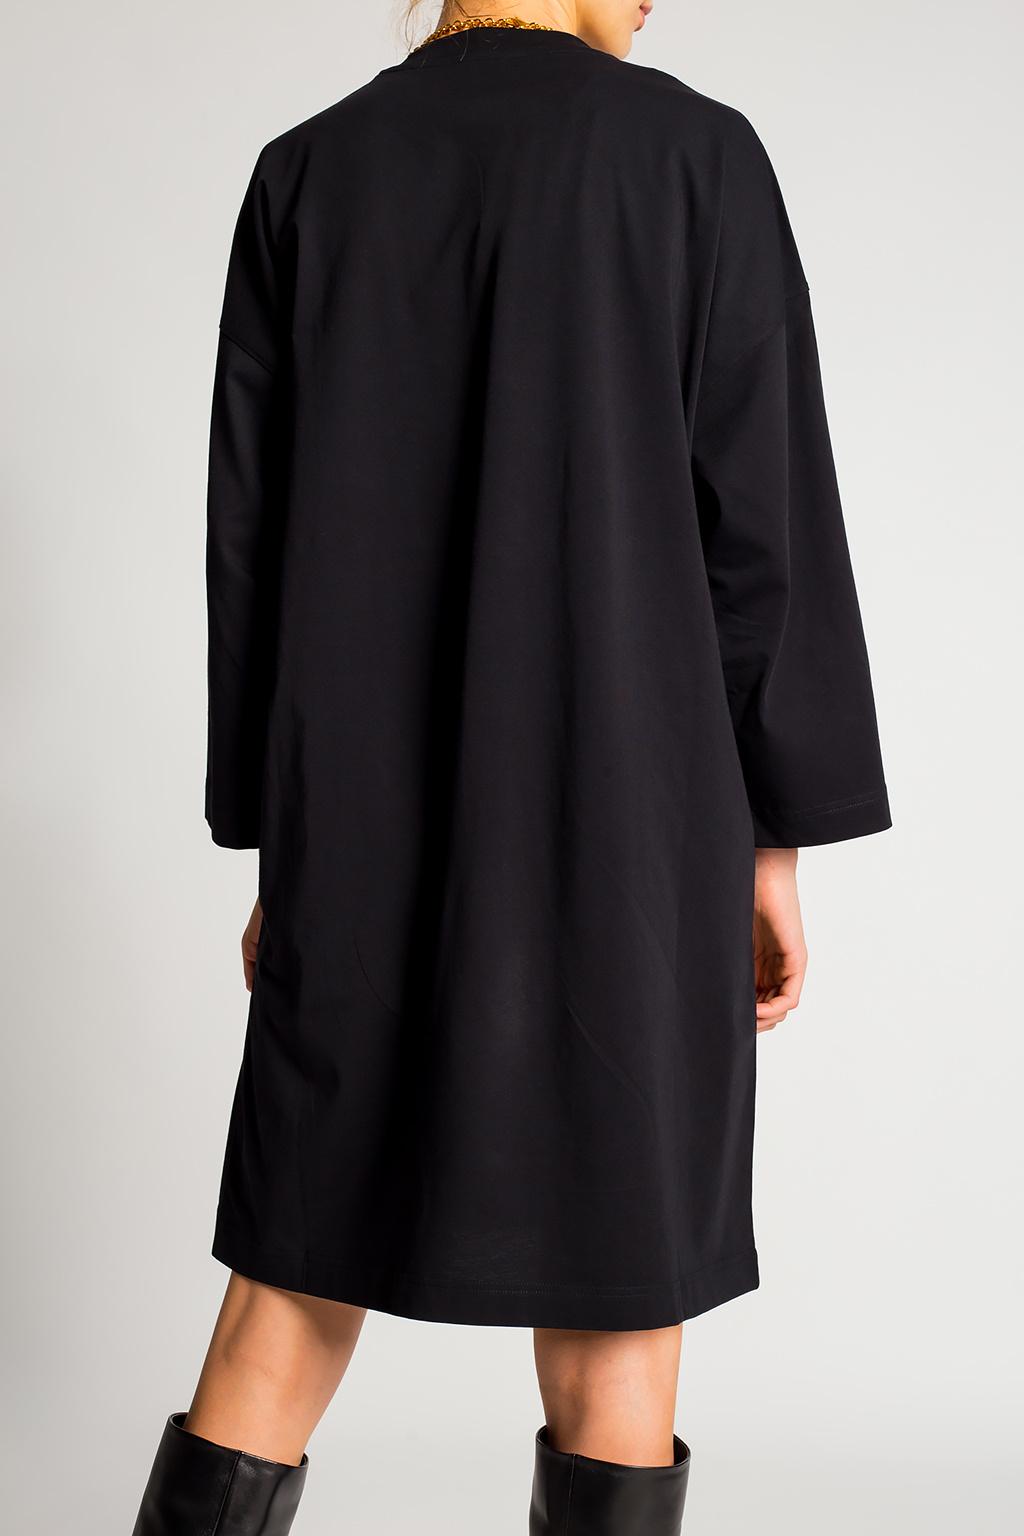 Moschino Sweatshirt dress